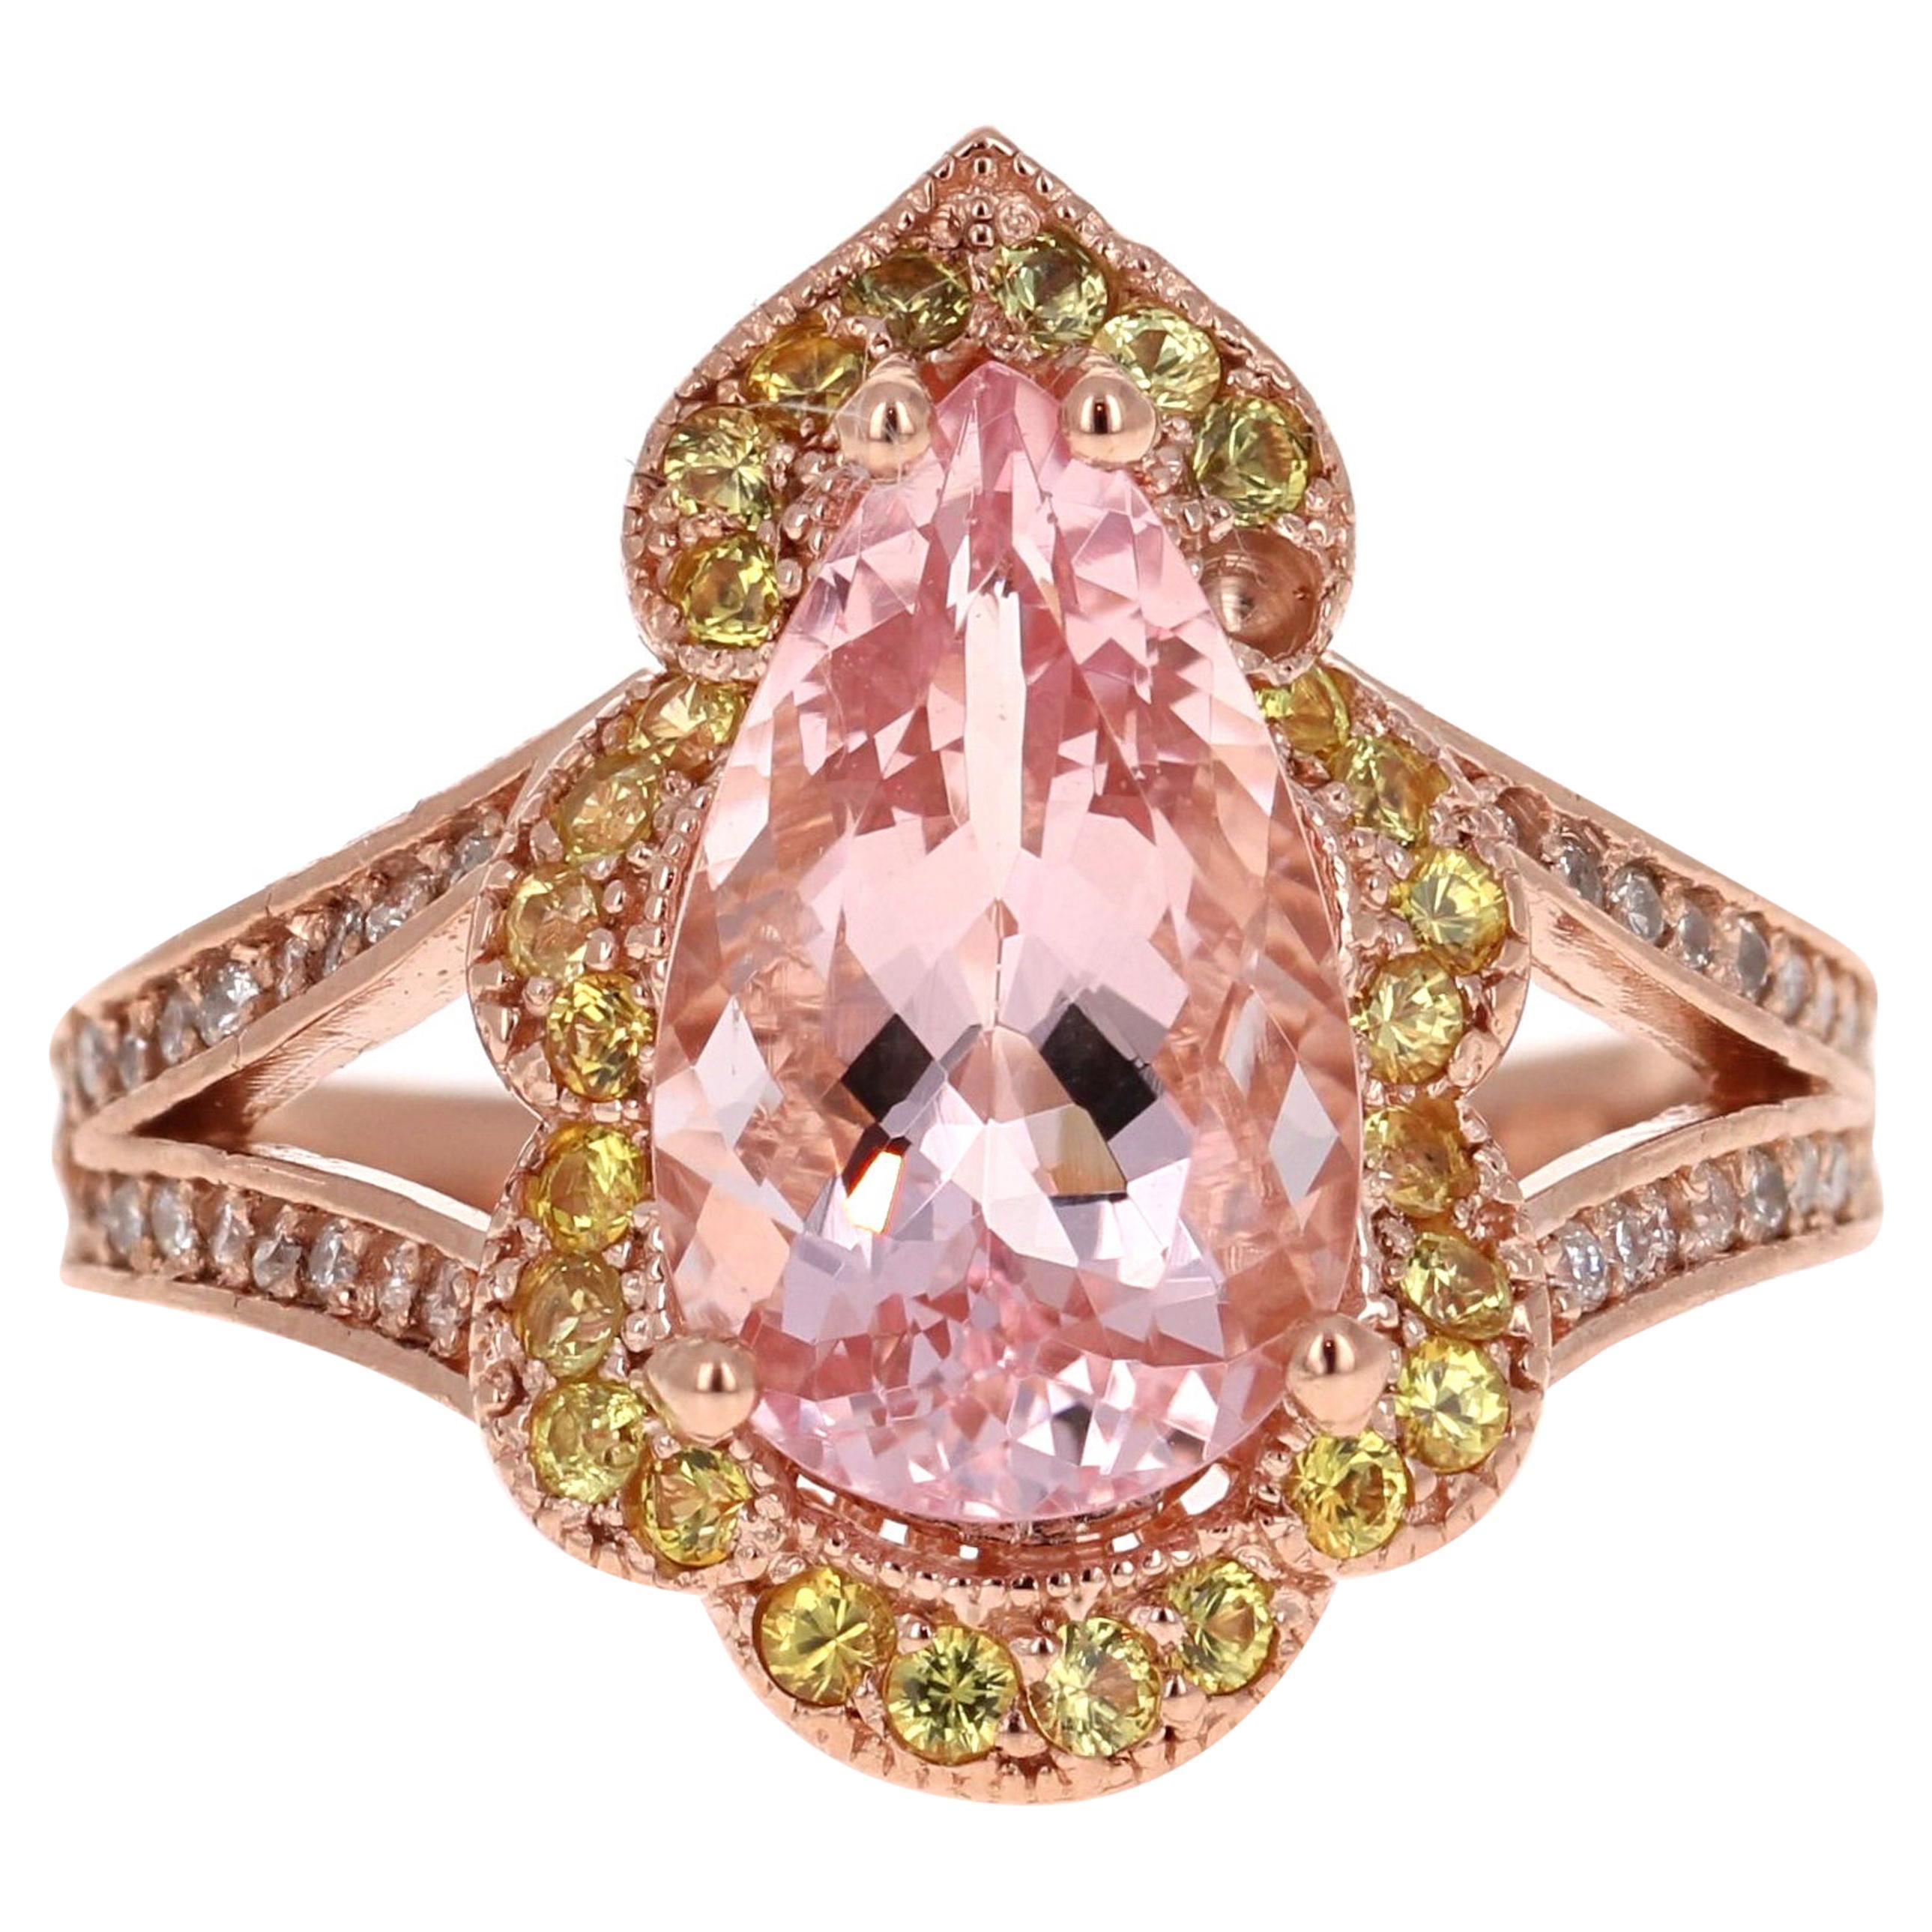 4.24 Carat Morganite Diamond 14 Karat Rose Gold Cocktail Ring